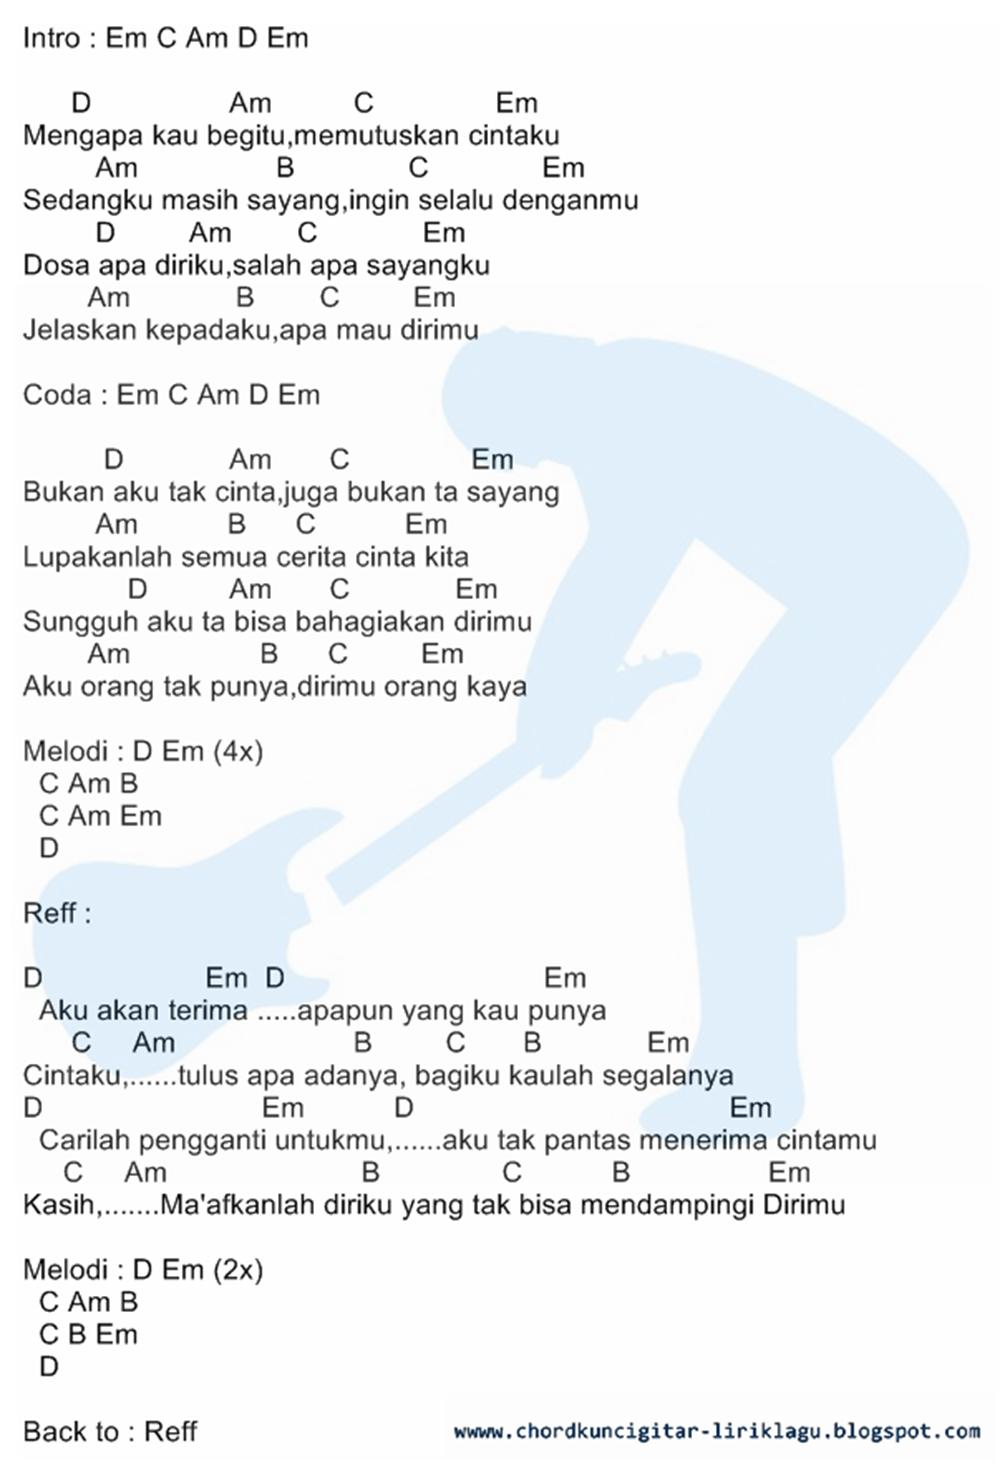 Chord Lagu Salah Apa Aku Dari D